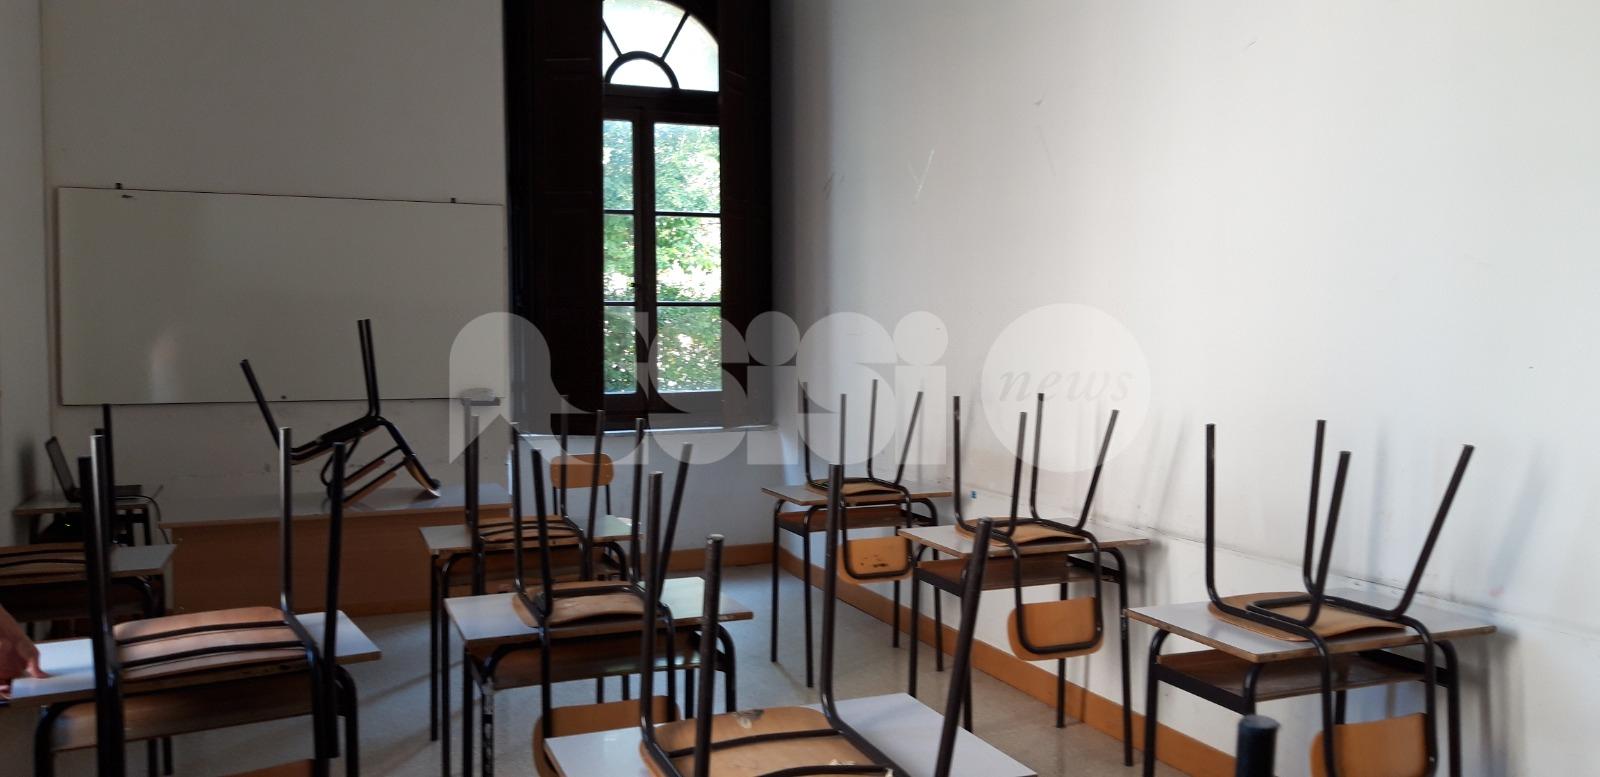 Liceo Sesto Properzio di Assisi, come si torna a scuola in sicurezza